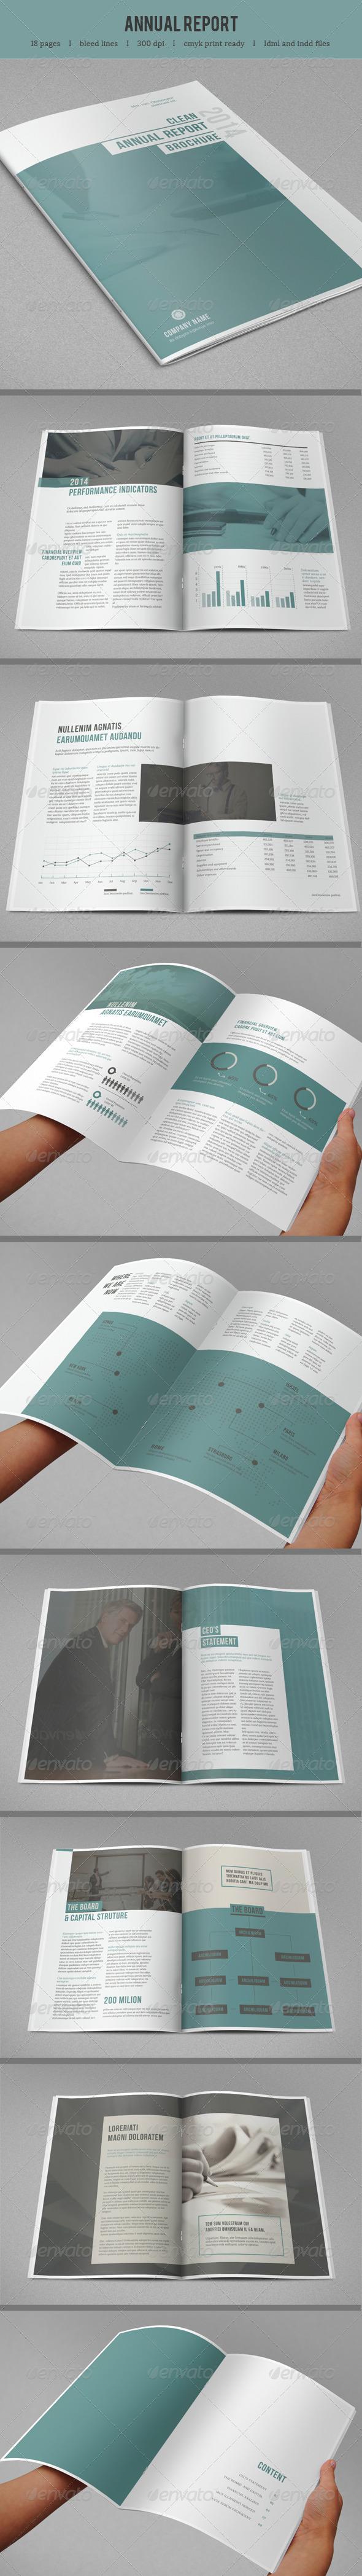 GraphicRiver Annual Report Brochure 7609814